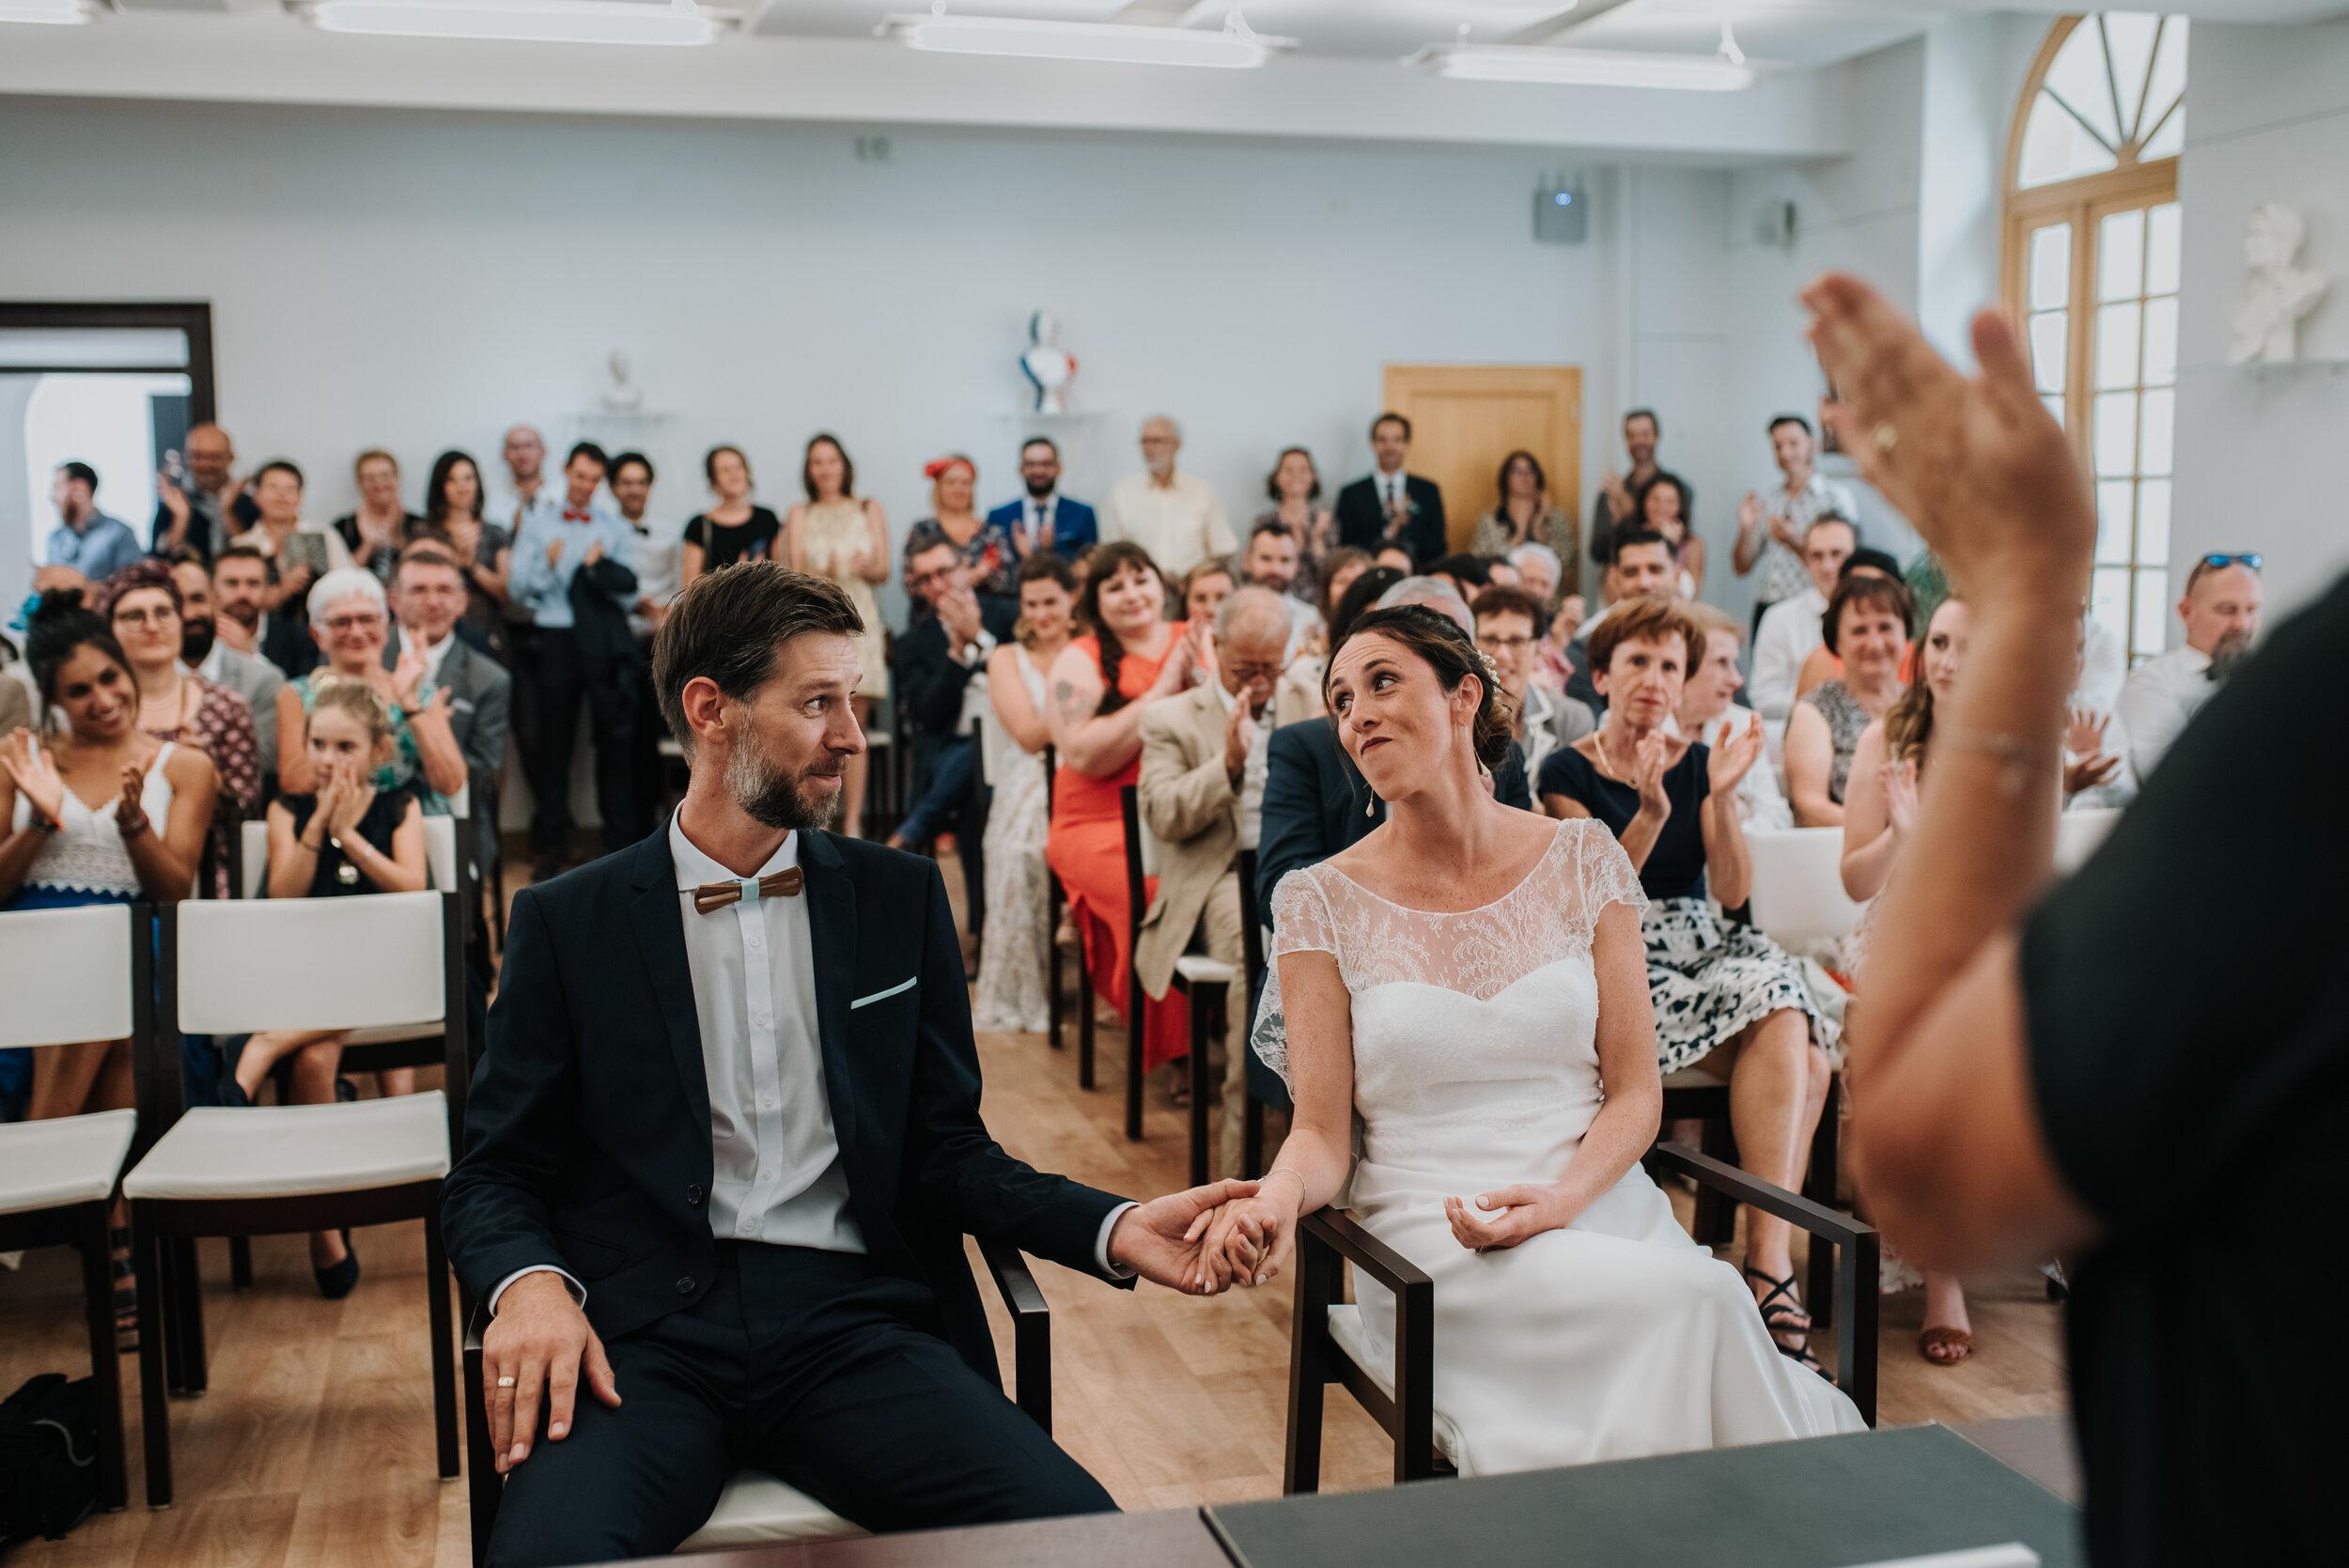 Léa-Fery-photographe-professionnel-Bretagne-portrait-creation-mariage-evenement-evenementiel-famille-6401.jpg